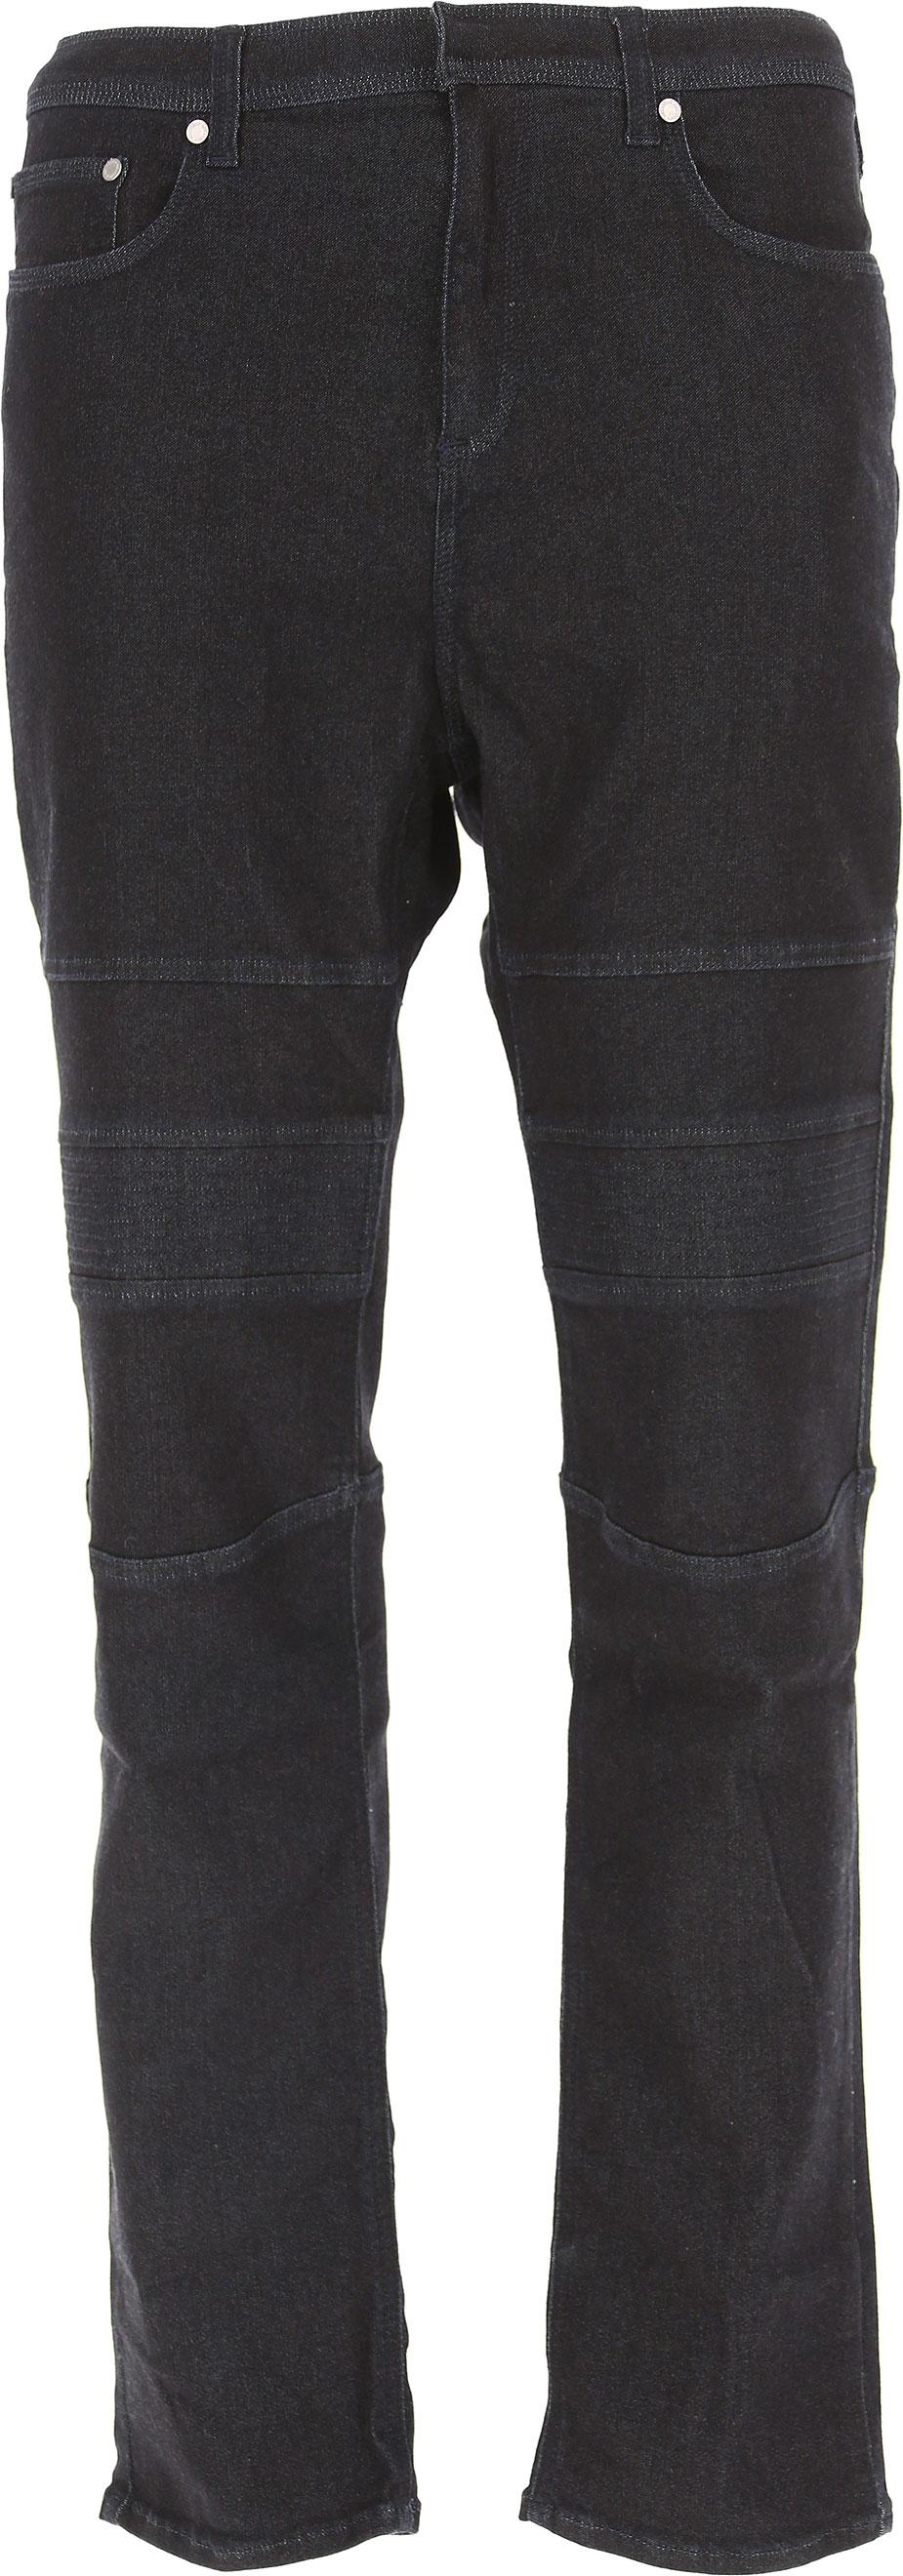 Abbigliamento Uomo Neil Barrett, Codice Articolo: bde151-a809t-1291